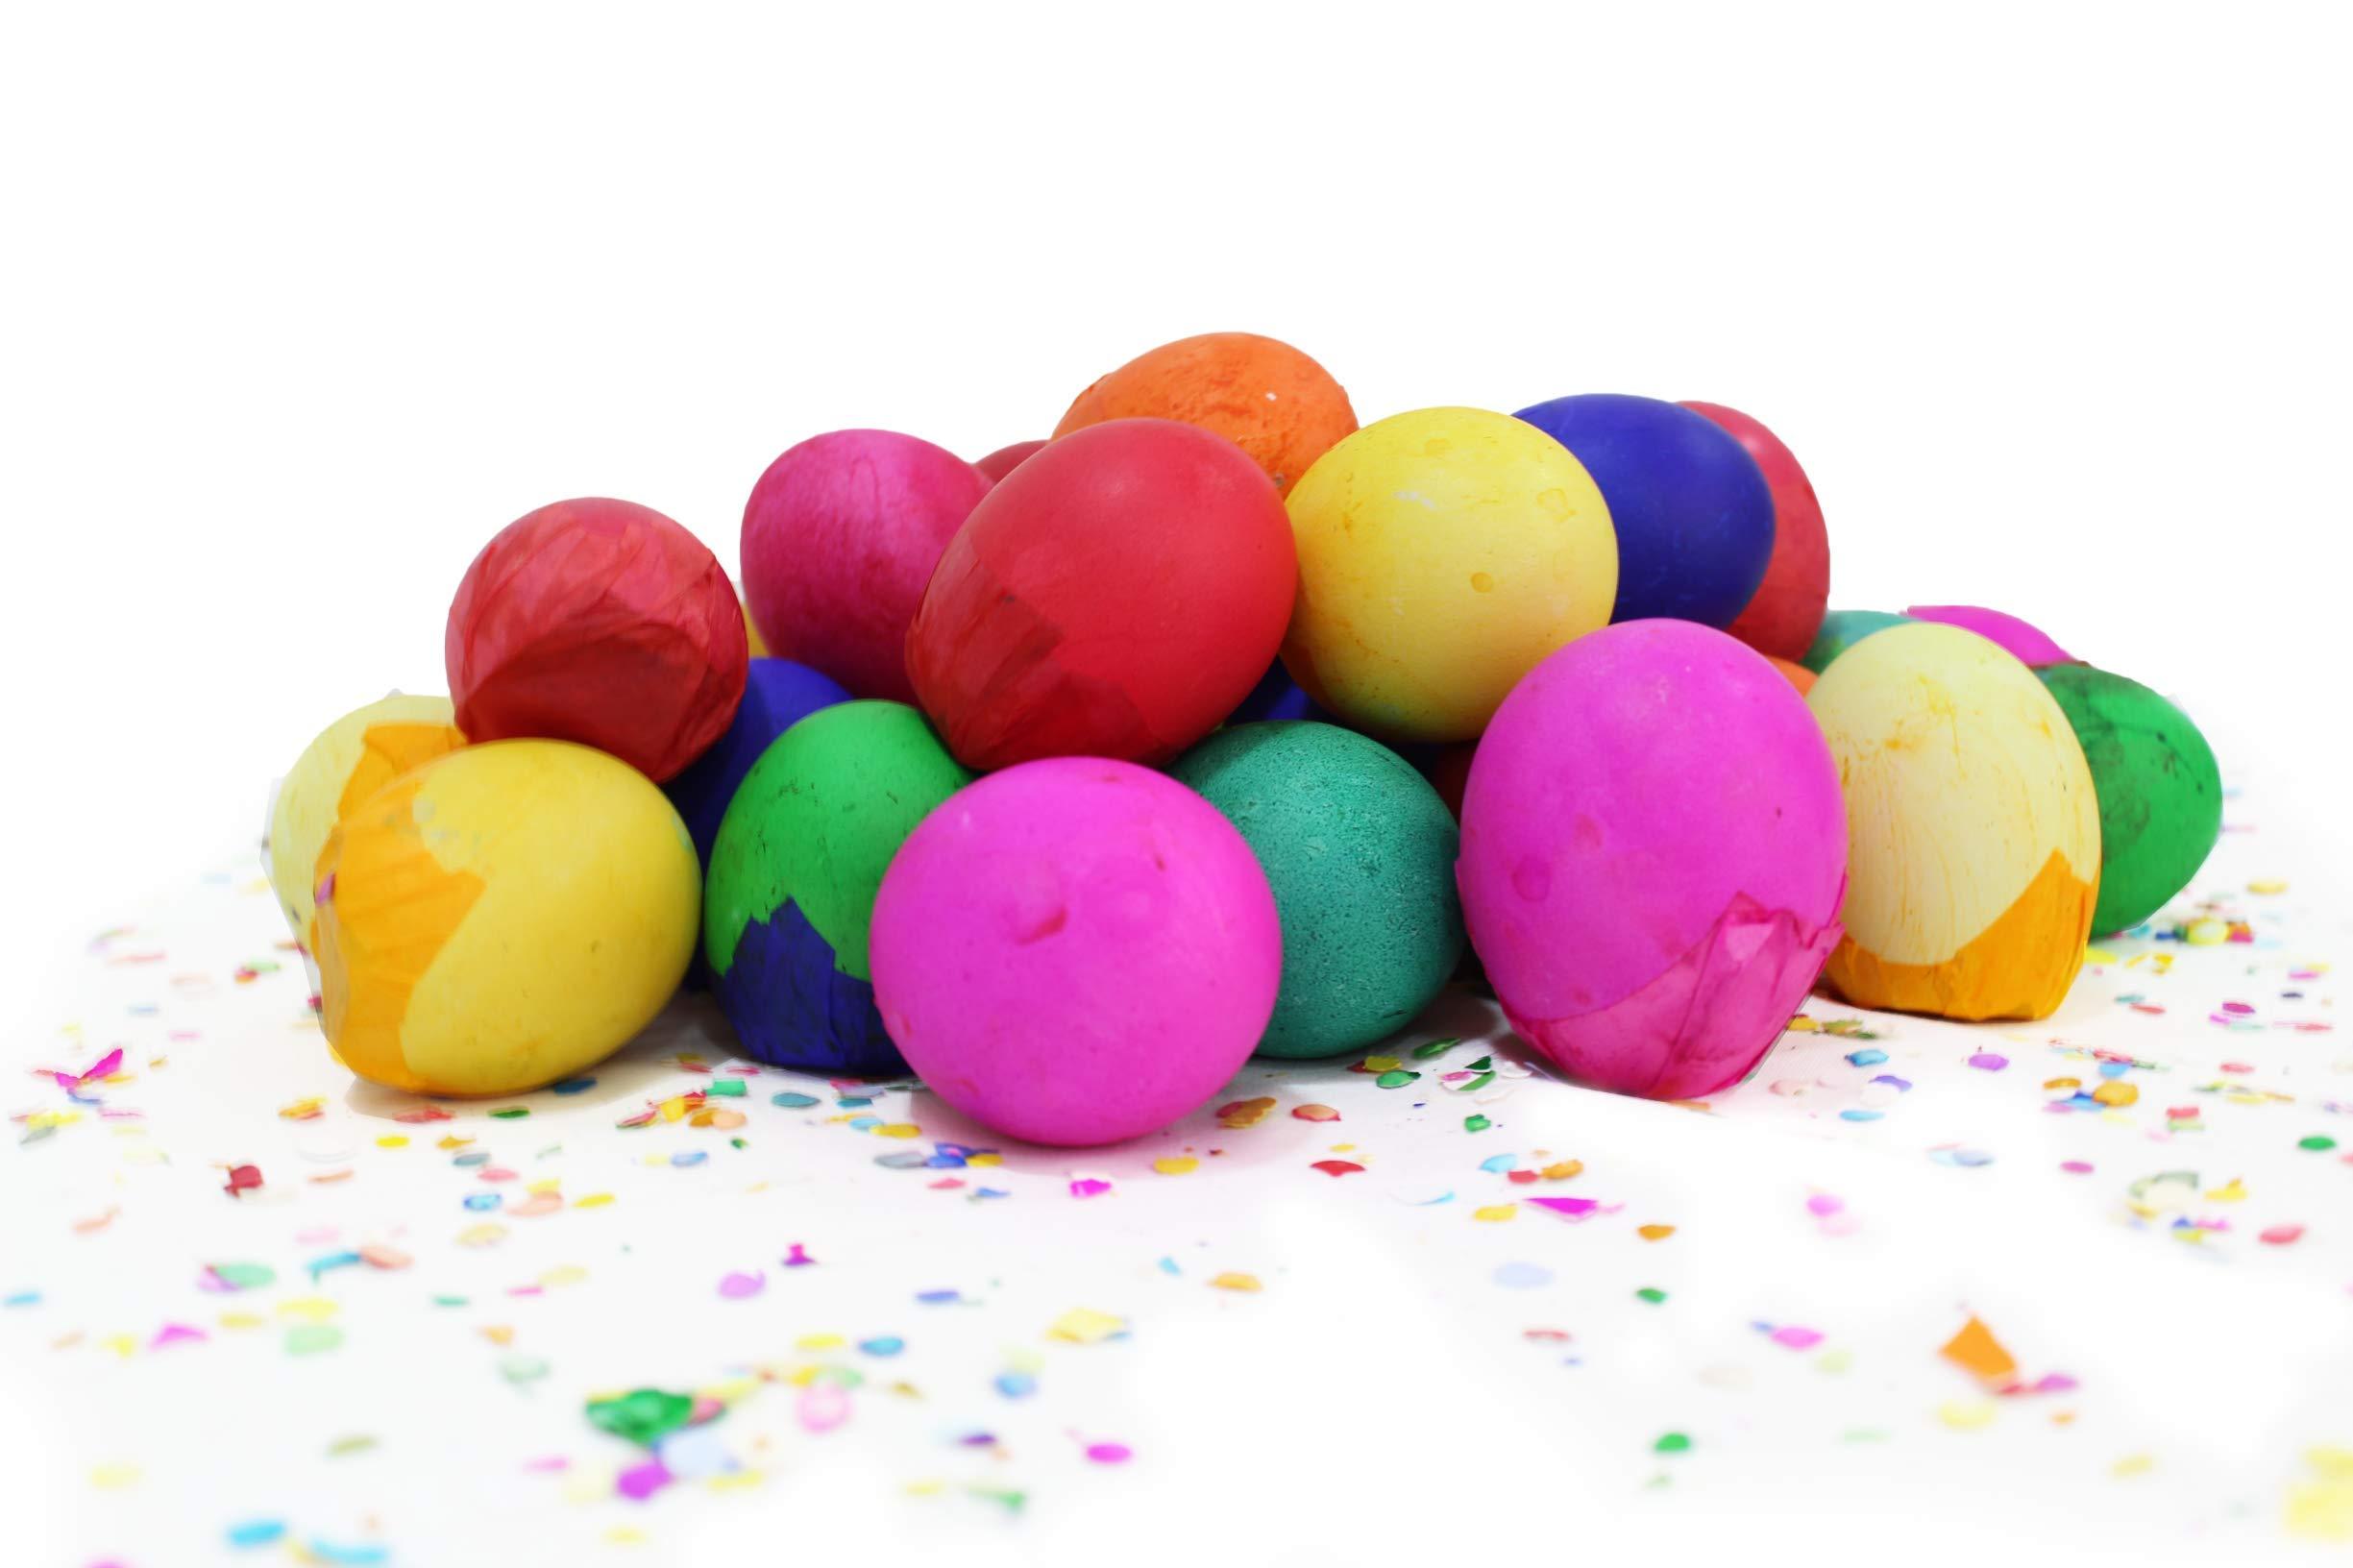 Confetti Eggs Cascarones, Multicolored, 240 Count, Party Game for Easter, San Antonio Fiesta Week, Cinco de Mayo or Birthday Party by Pinatas (Image #4)